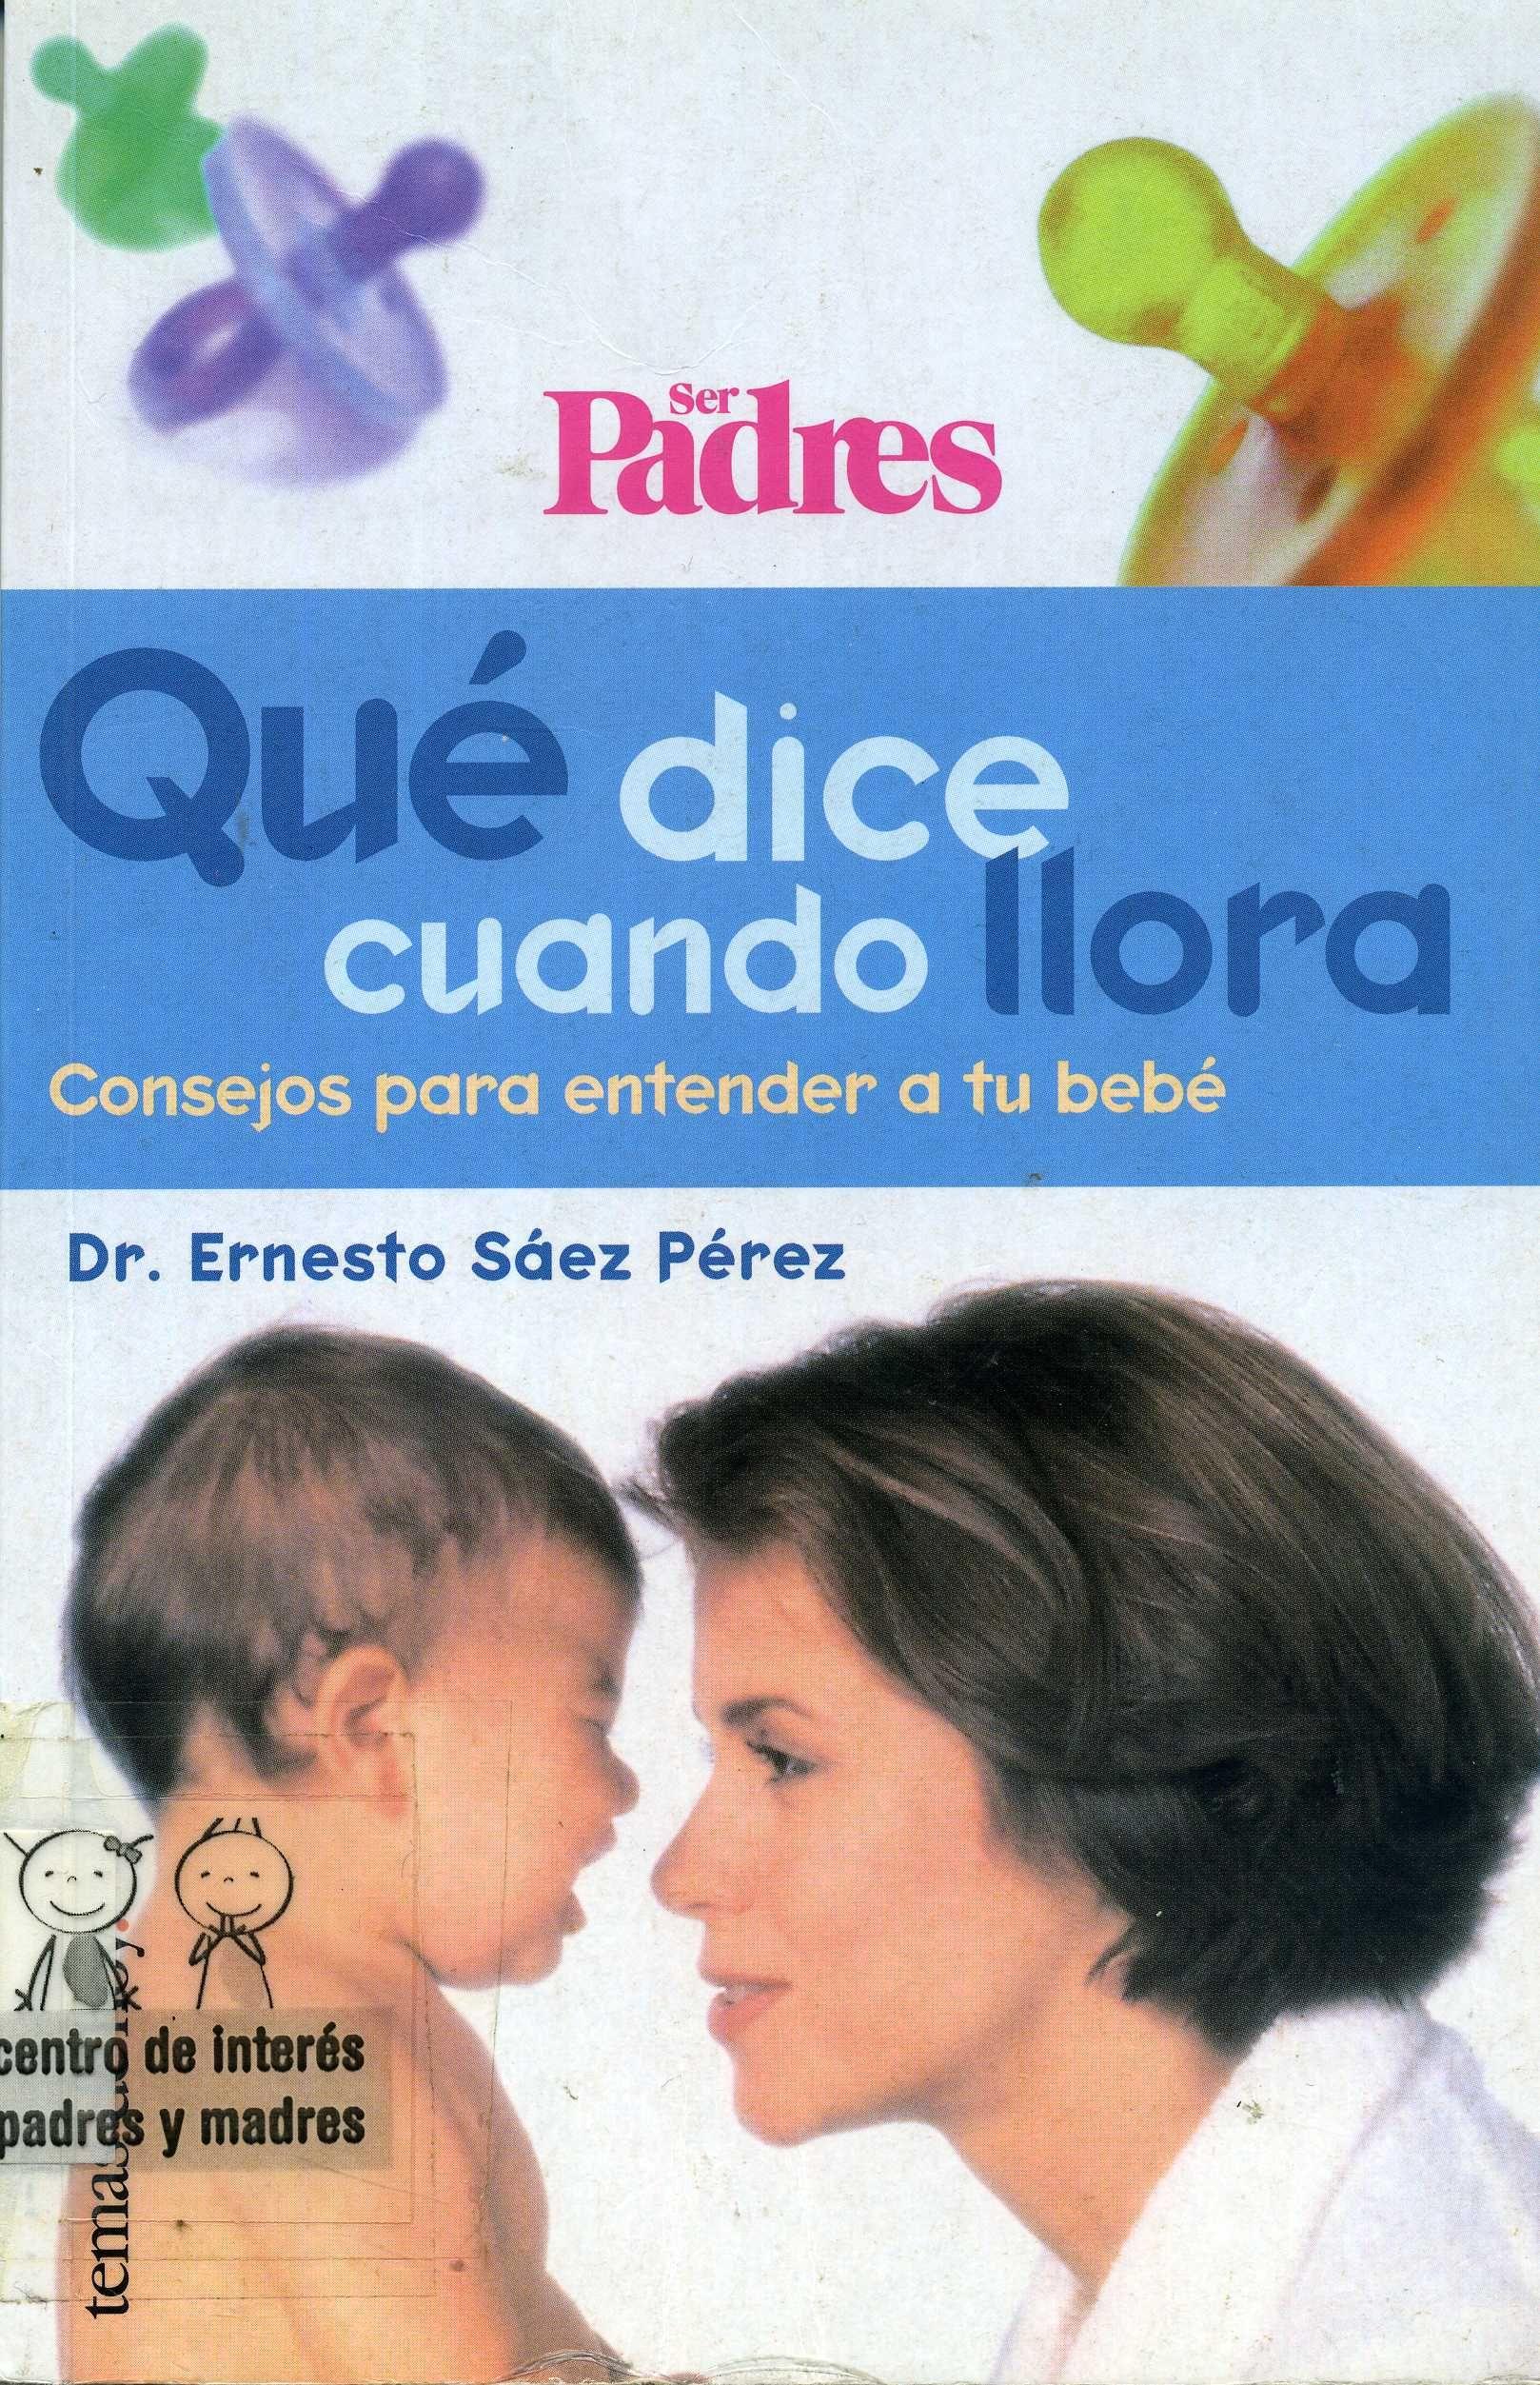 Qué dice cuando llora : consejos para entender a tu bebé / Ernesto Sáez Pérez . -- Madrid : Temas de Hoy, 1999     191 p.